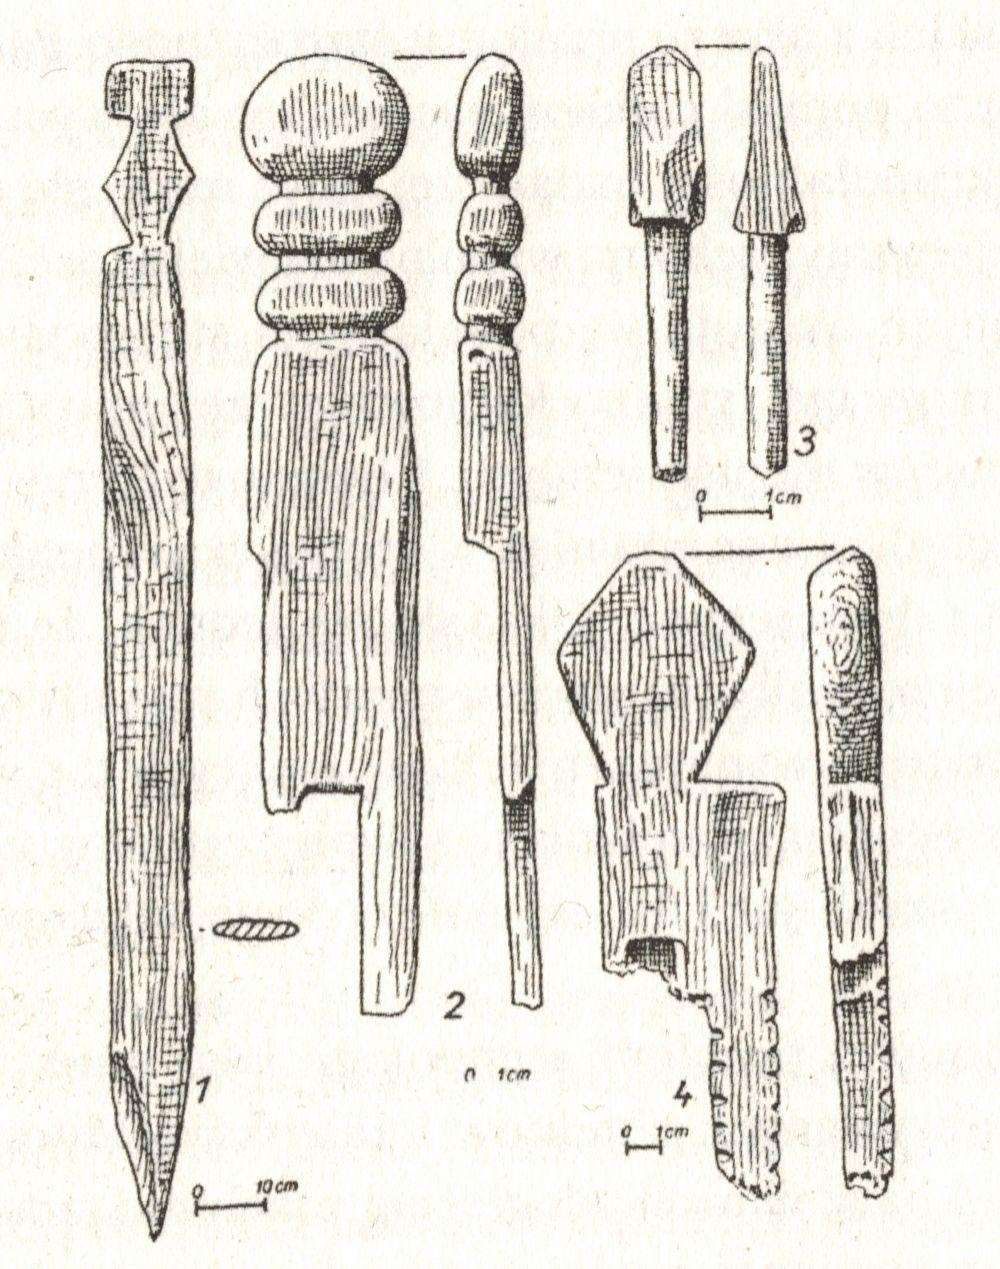 Ozdobne elementy z domniemanej świątyni we Wrocławiu. Ilustracja z książki Religie dawnych Słowian